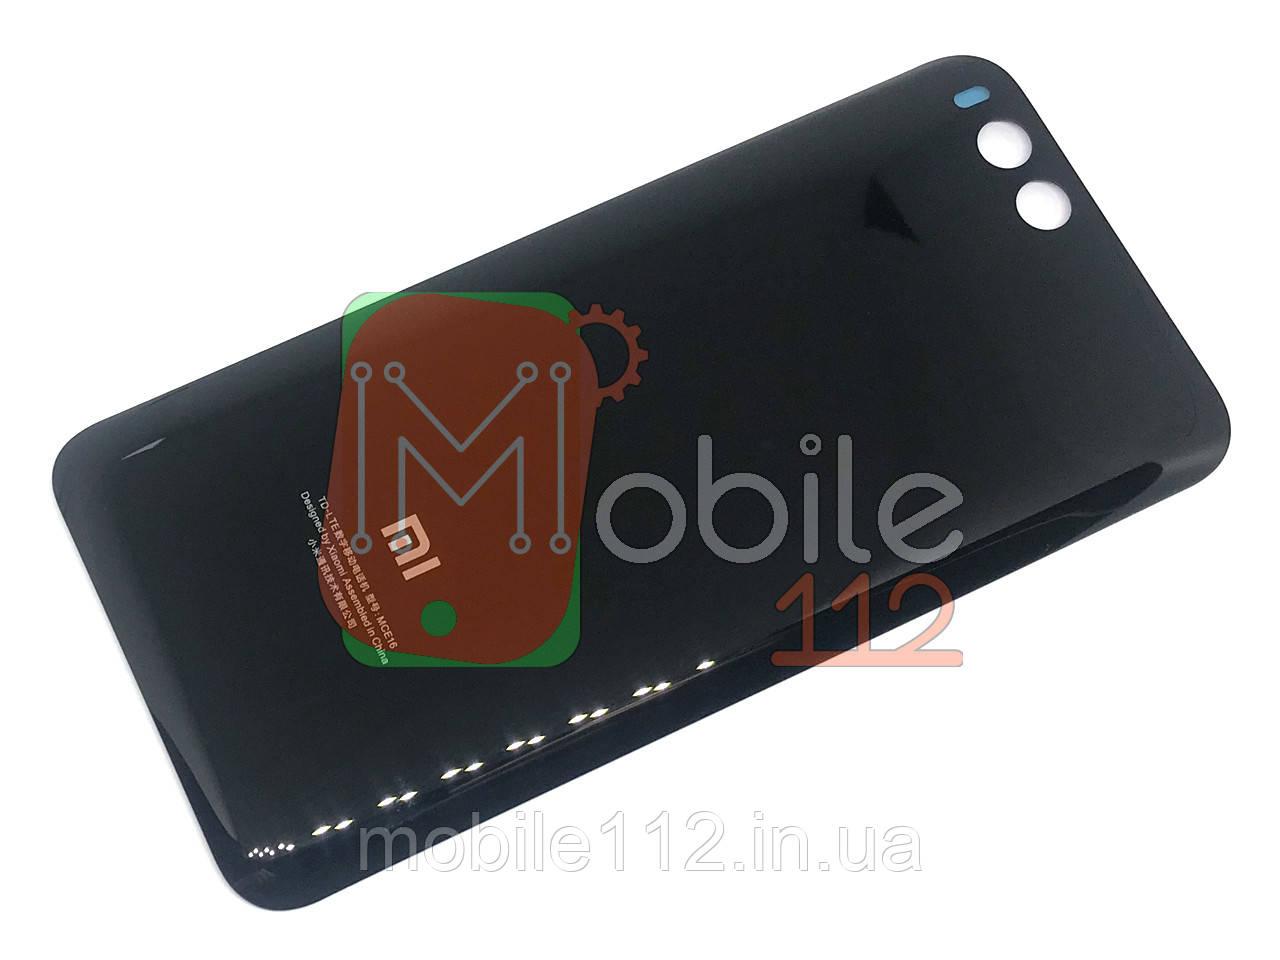 Задняя крышка Xiaomi Mi6 MCE16 черный оригинал Китай